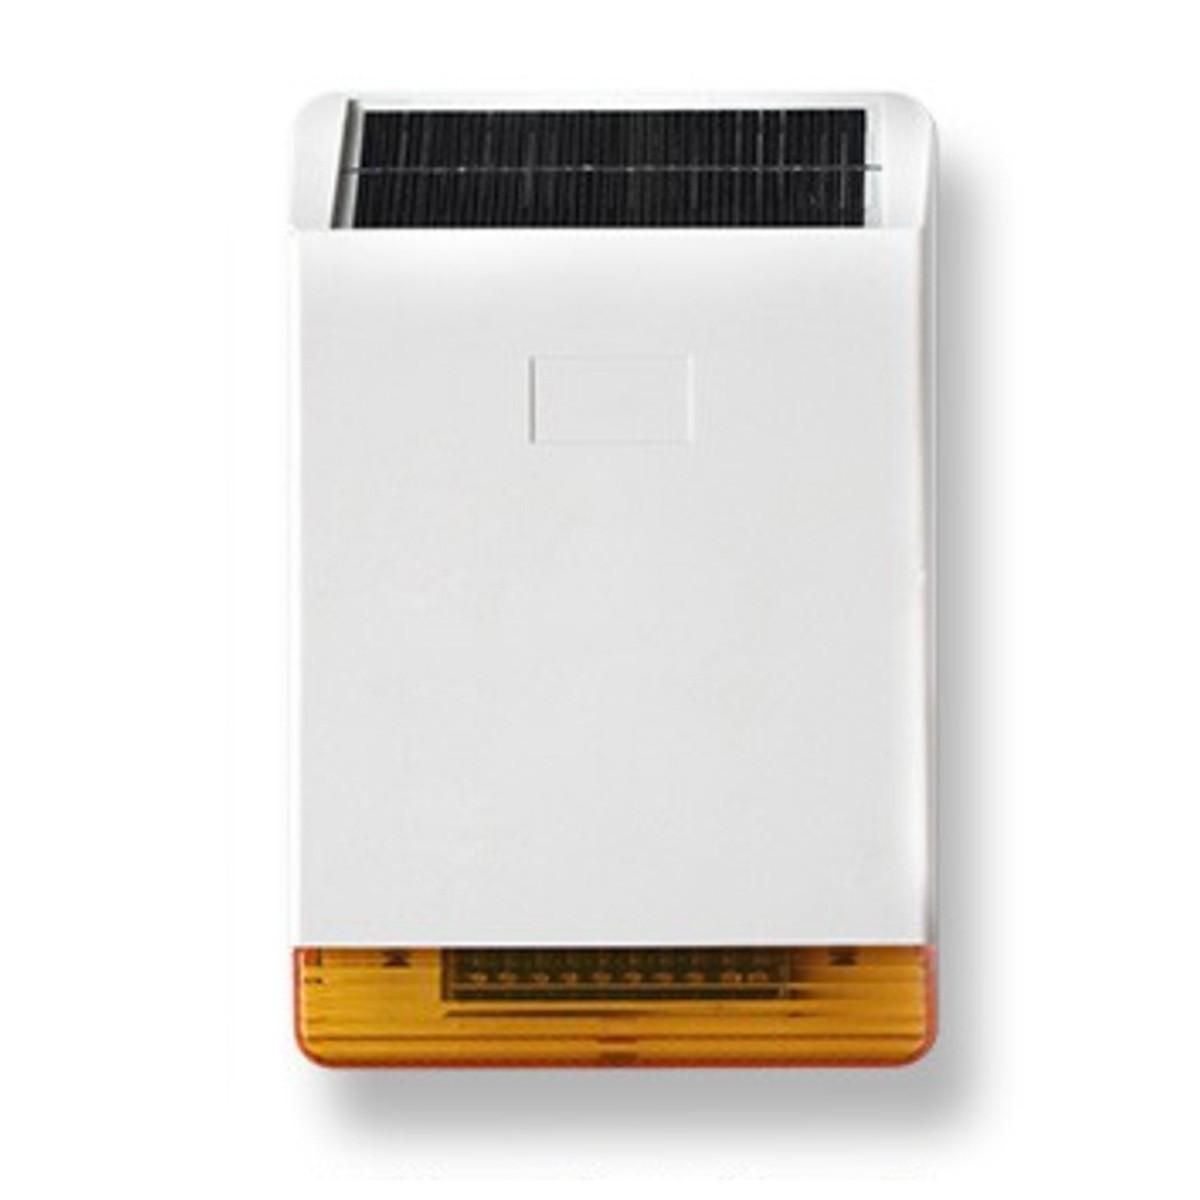 Sir ne ext rieure solaire sans fil 108db avec flash pour - Sirene alarme exterieure sans fil ...